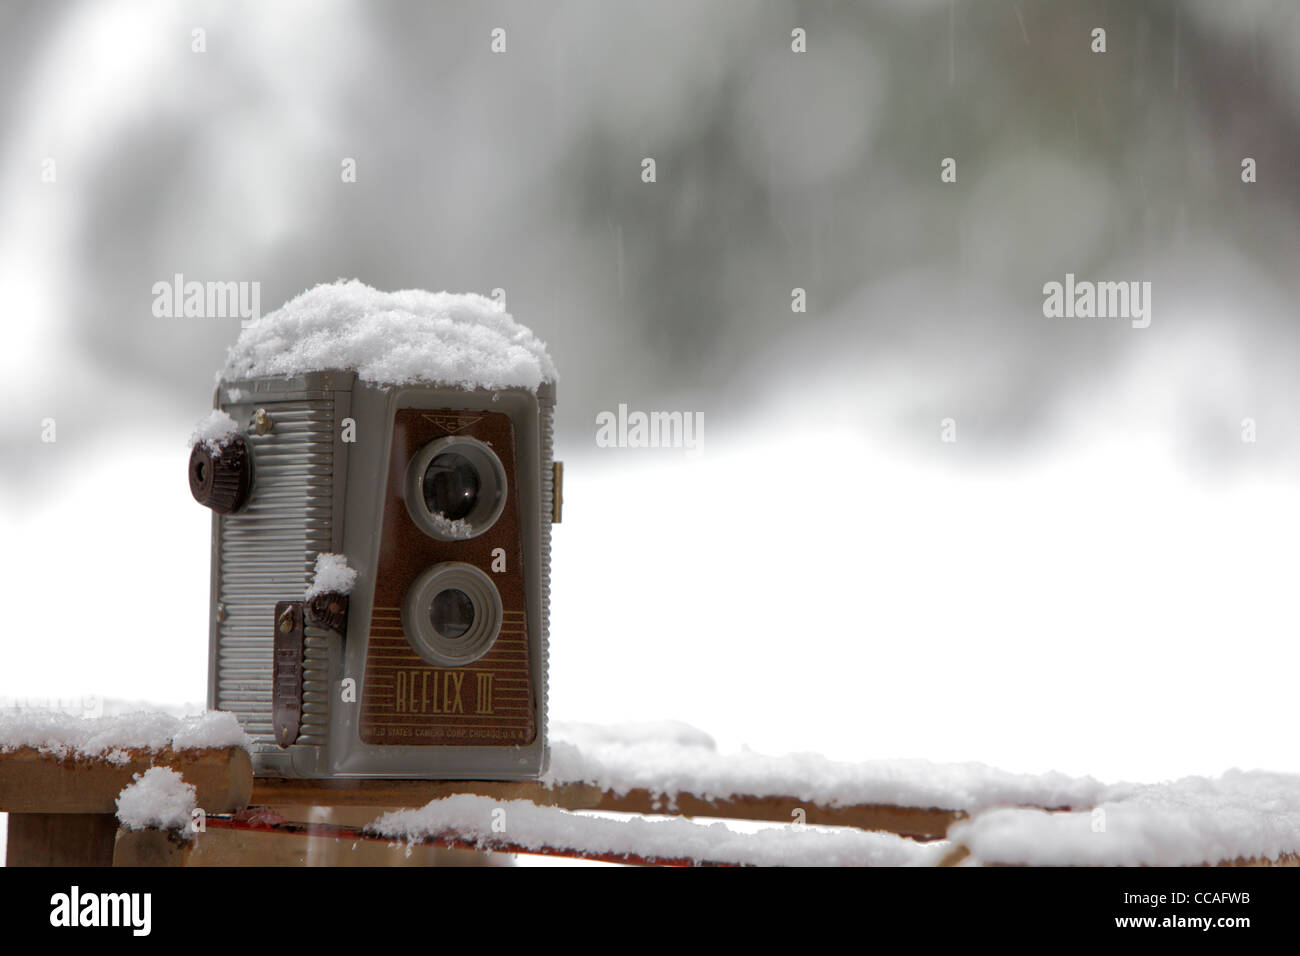 Twin-Spiegelreflexkamera im Schnee Stockbild